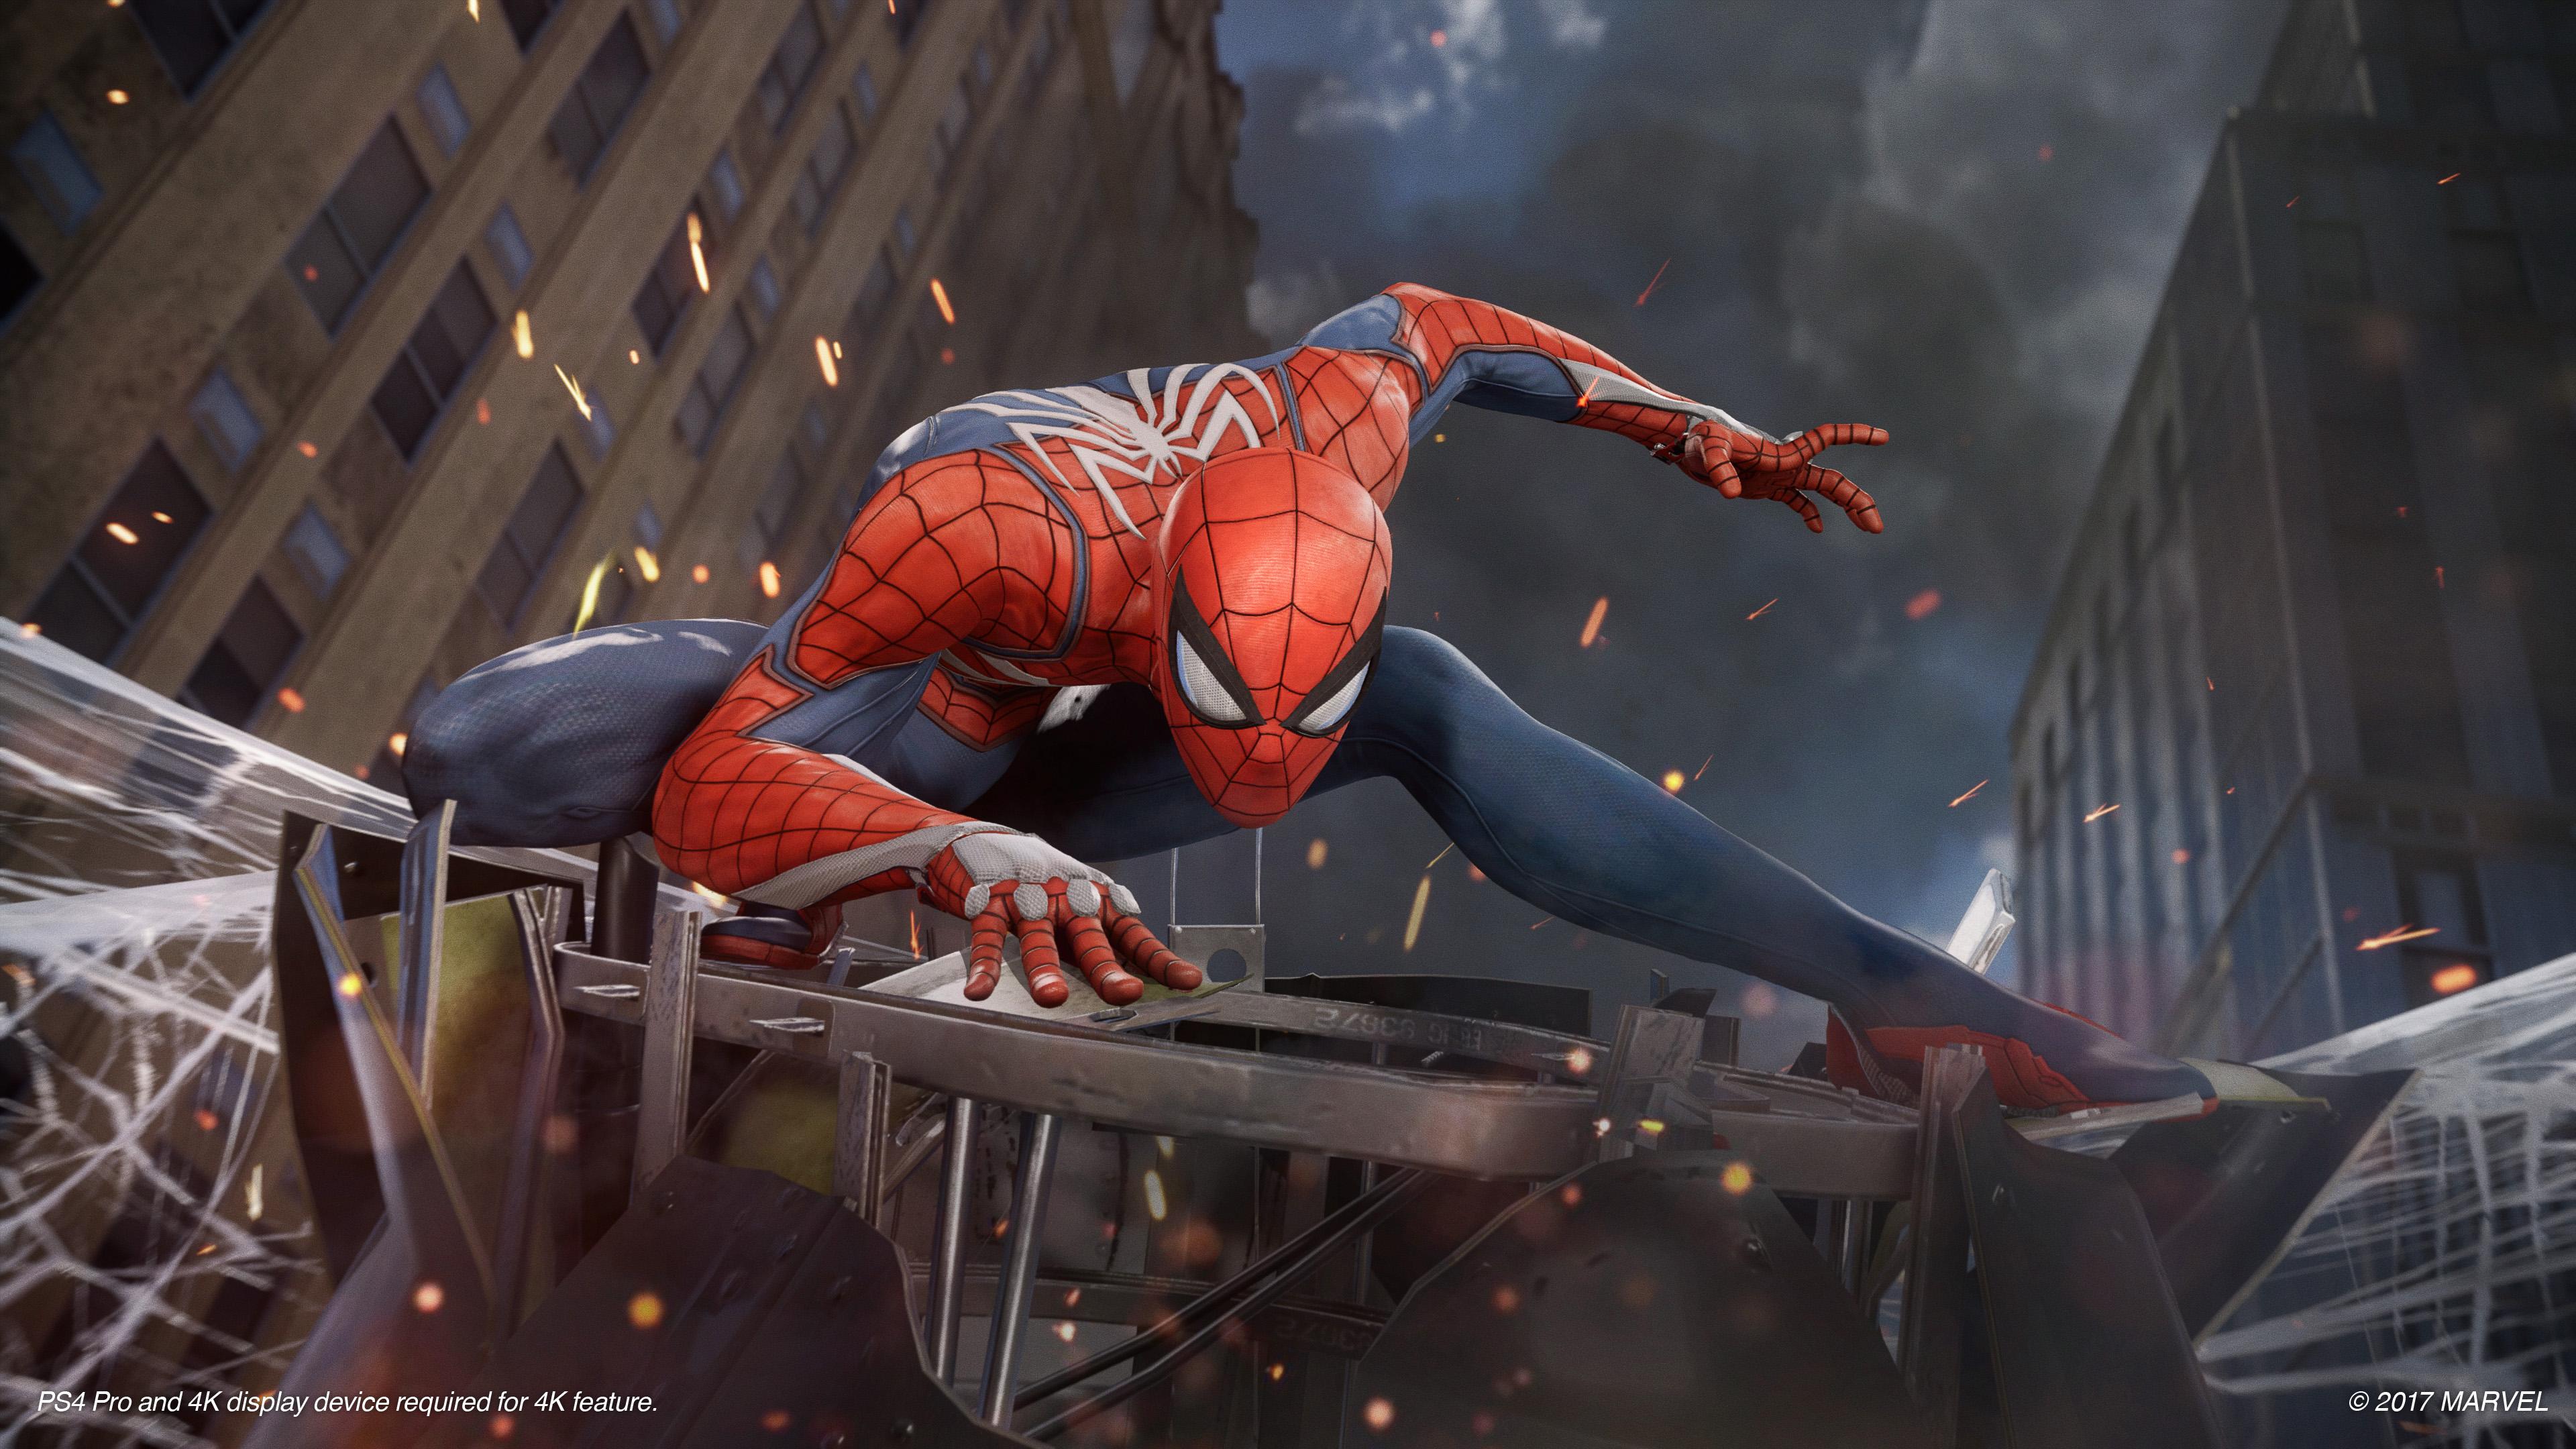 Spiderman: Insomniac Games